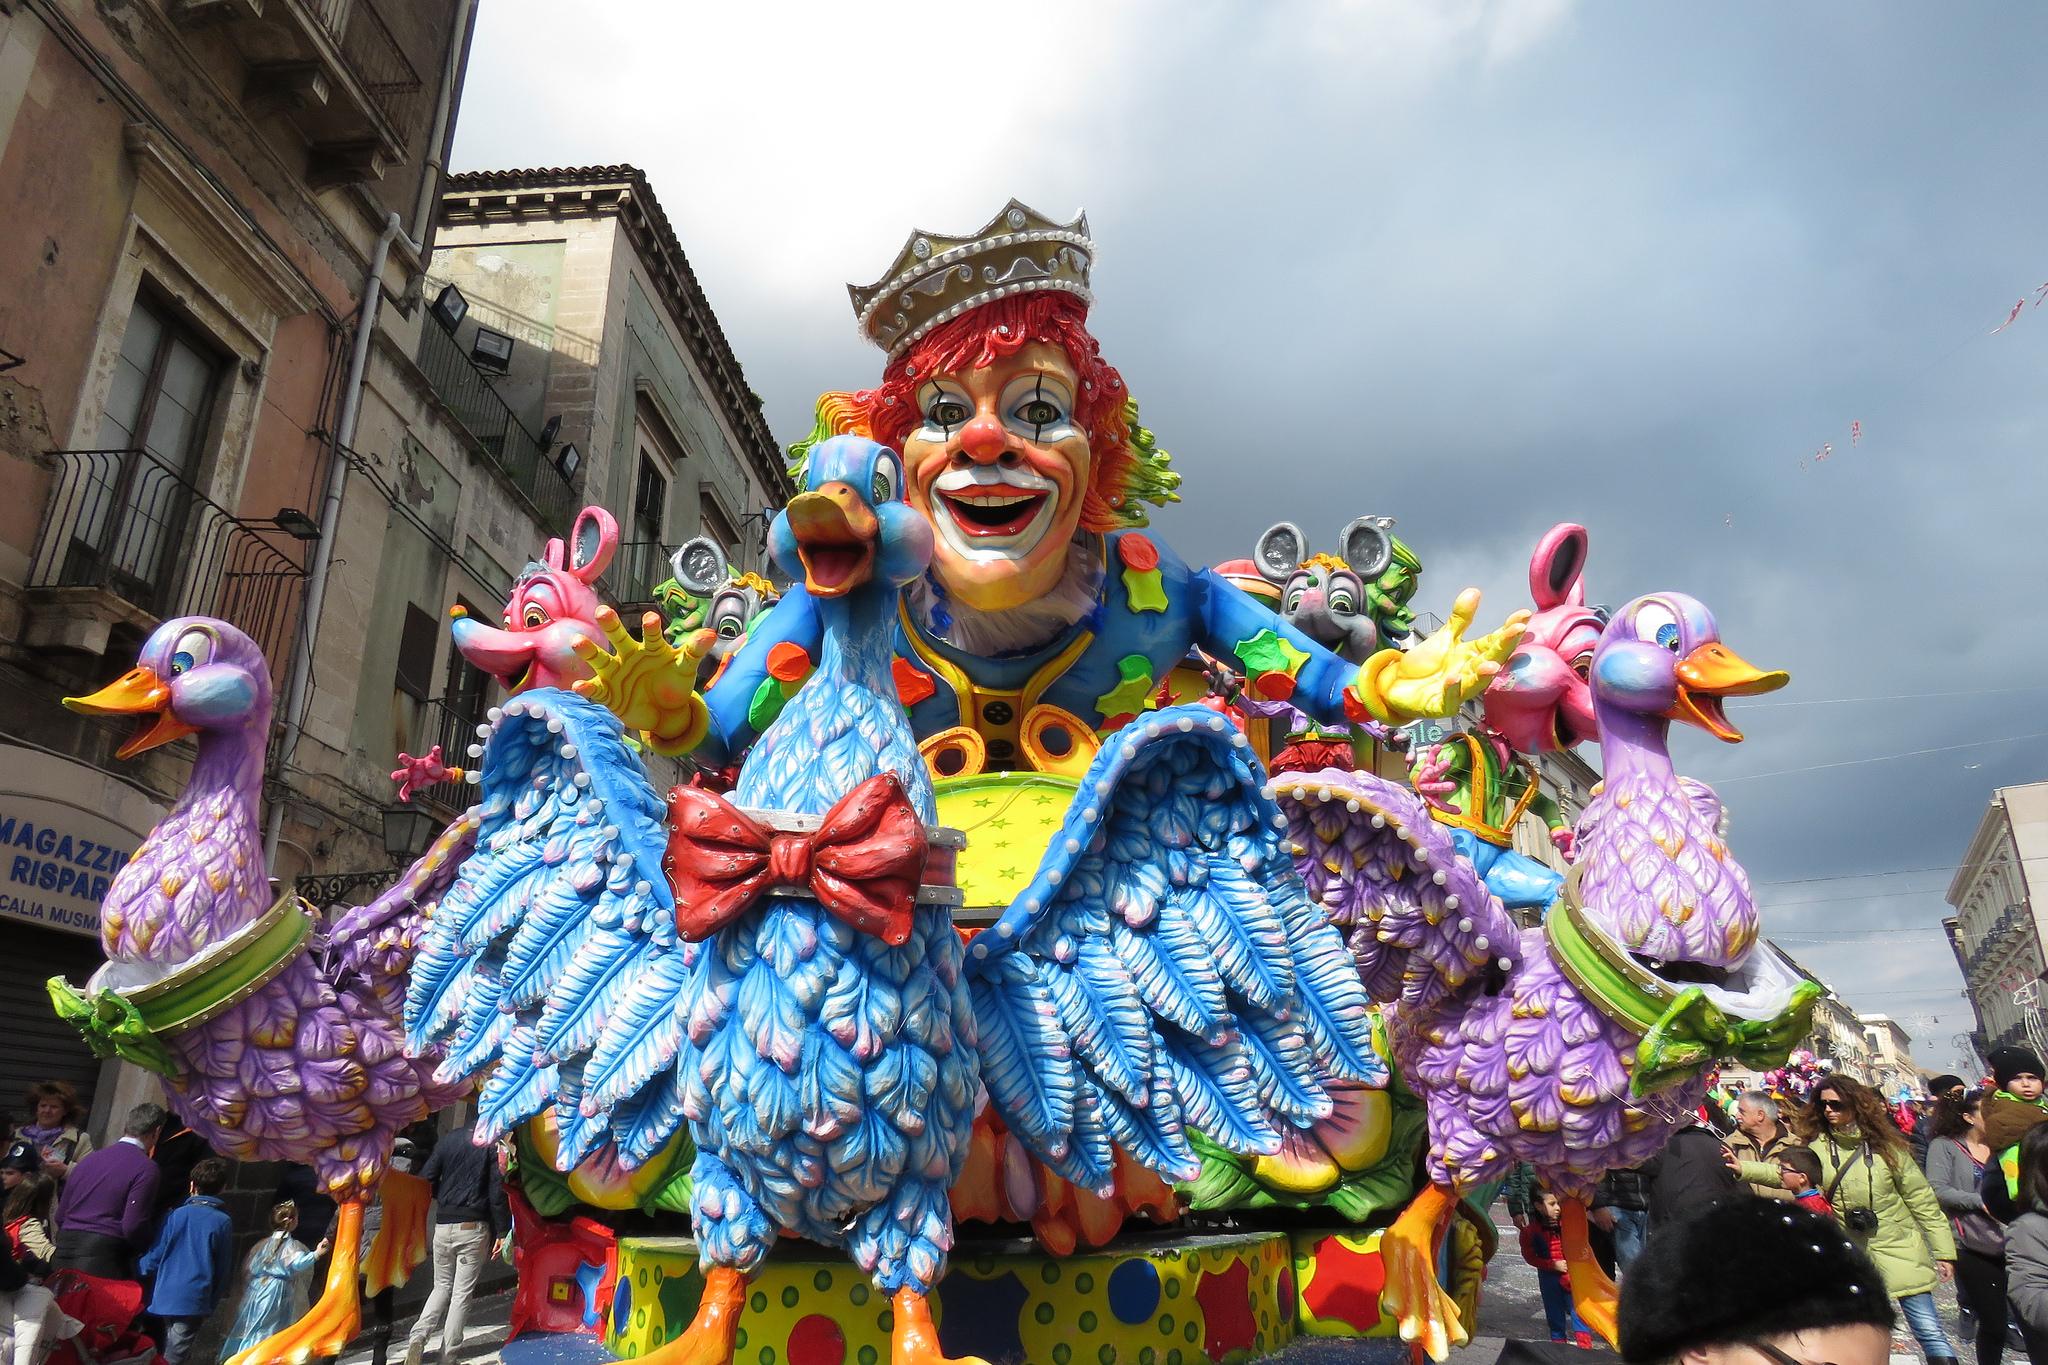 Веселое шествие в Виареджио